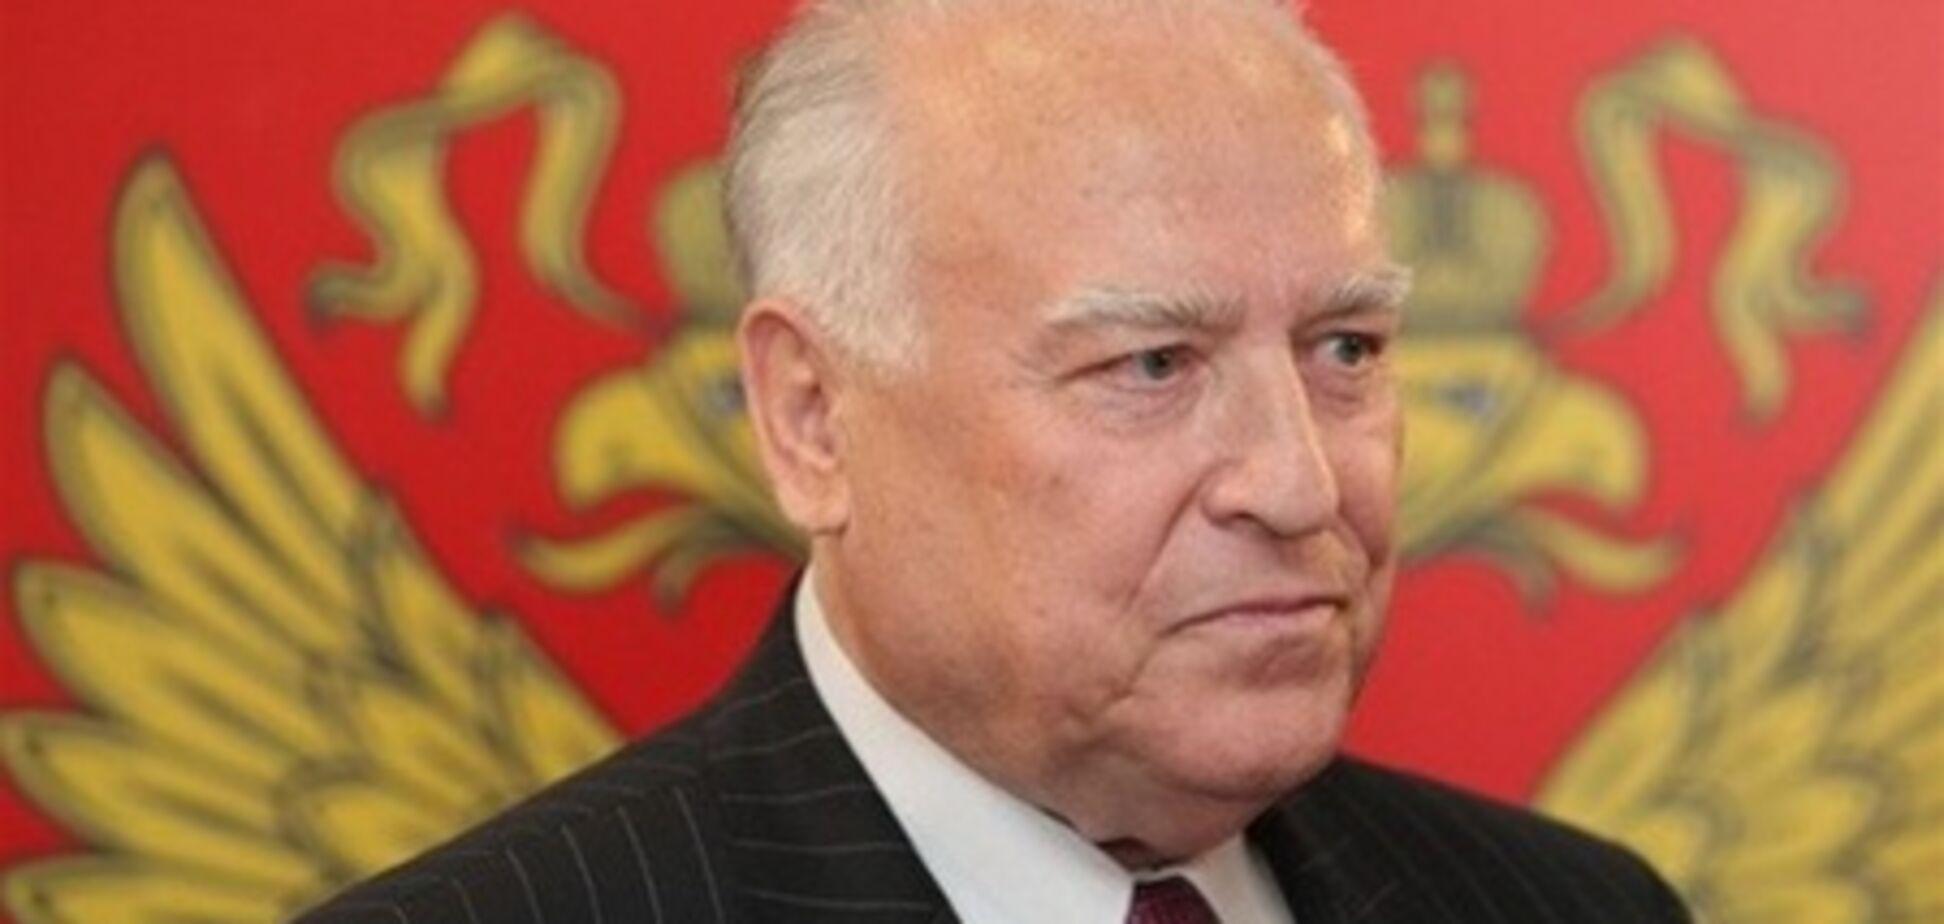 Черномырдин мог стать президентом Украины – Лавров